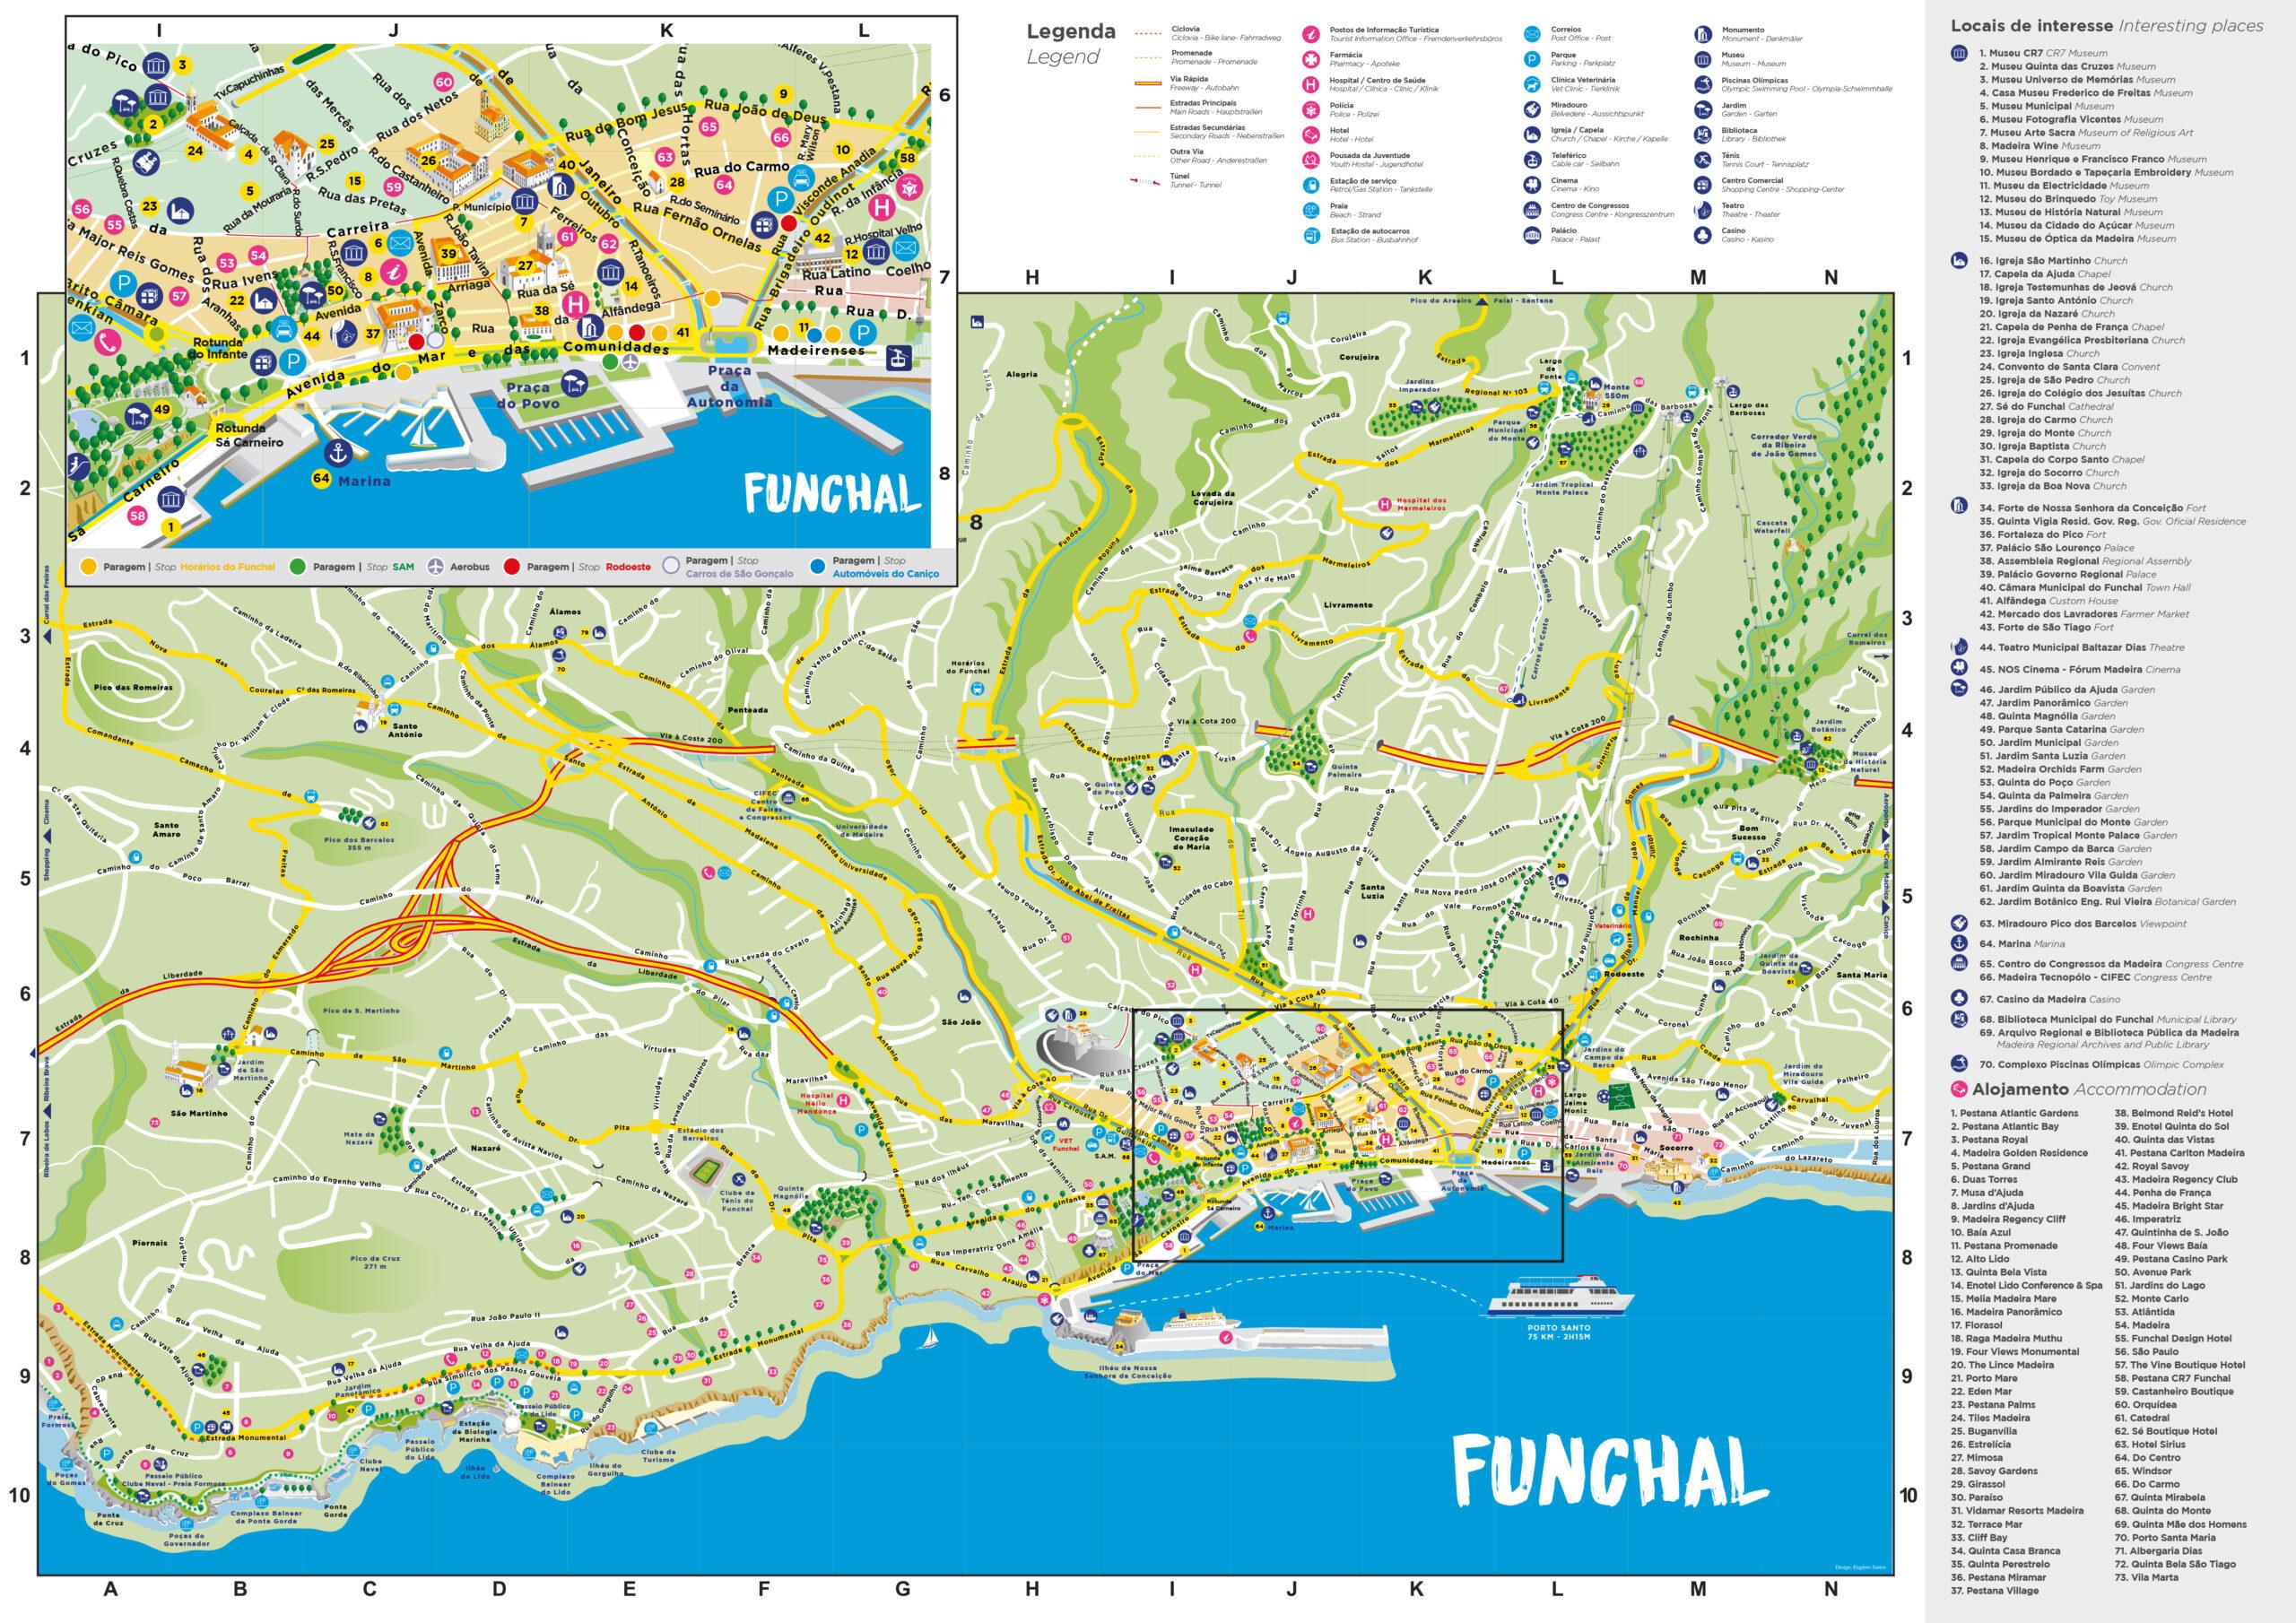 Mapa Funchal, Ilha da Madeira